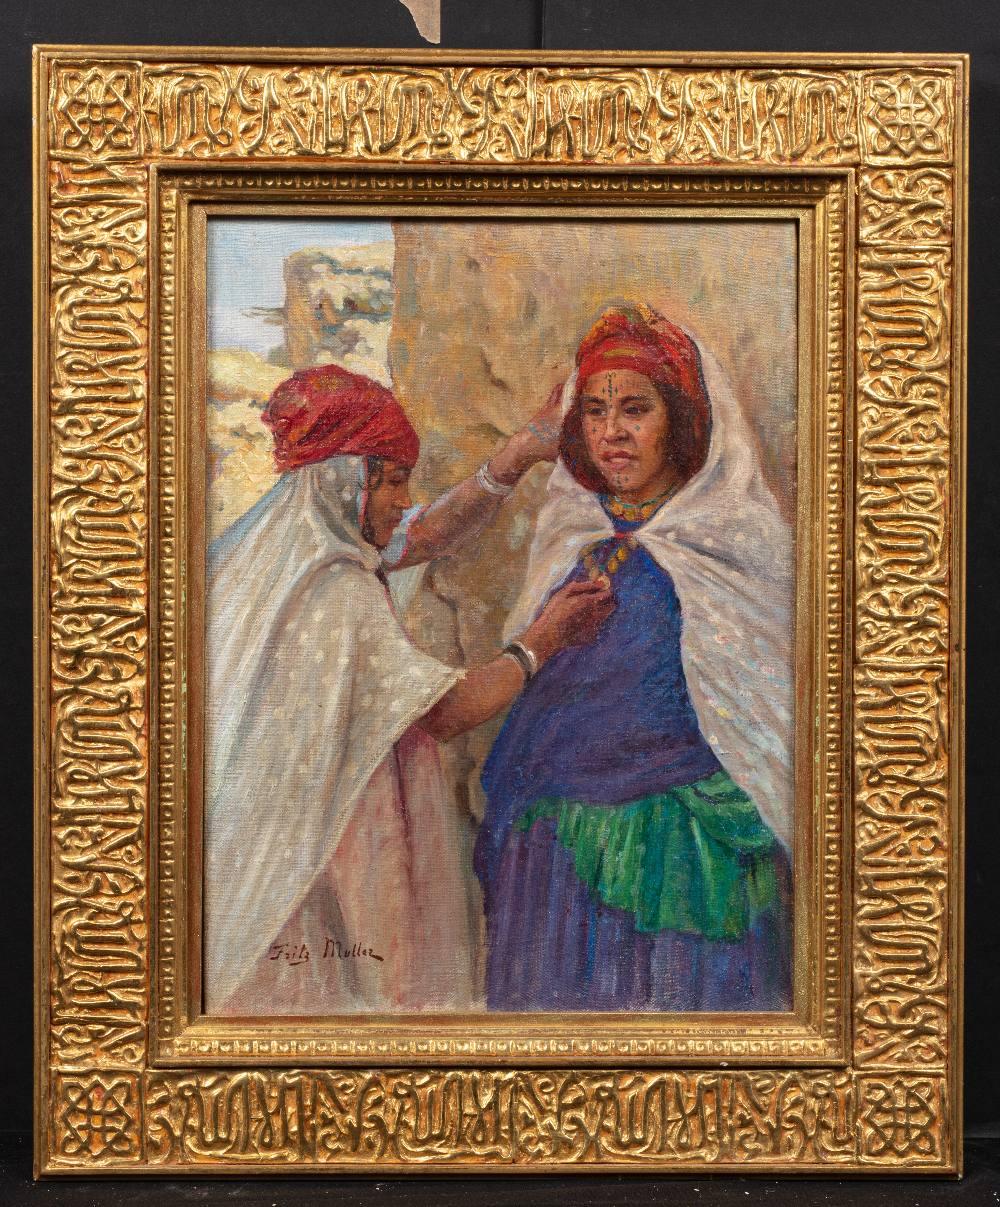 Fritz MULLER (1879-1957)Femmes des Ouled NaïlsHuile sur d'origine 40,5 x 30 cm Signé en bas à gauche - Image 2 of 3